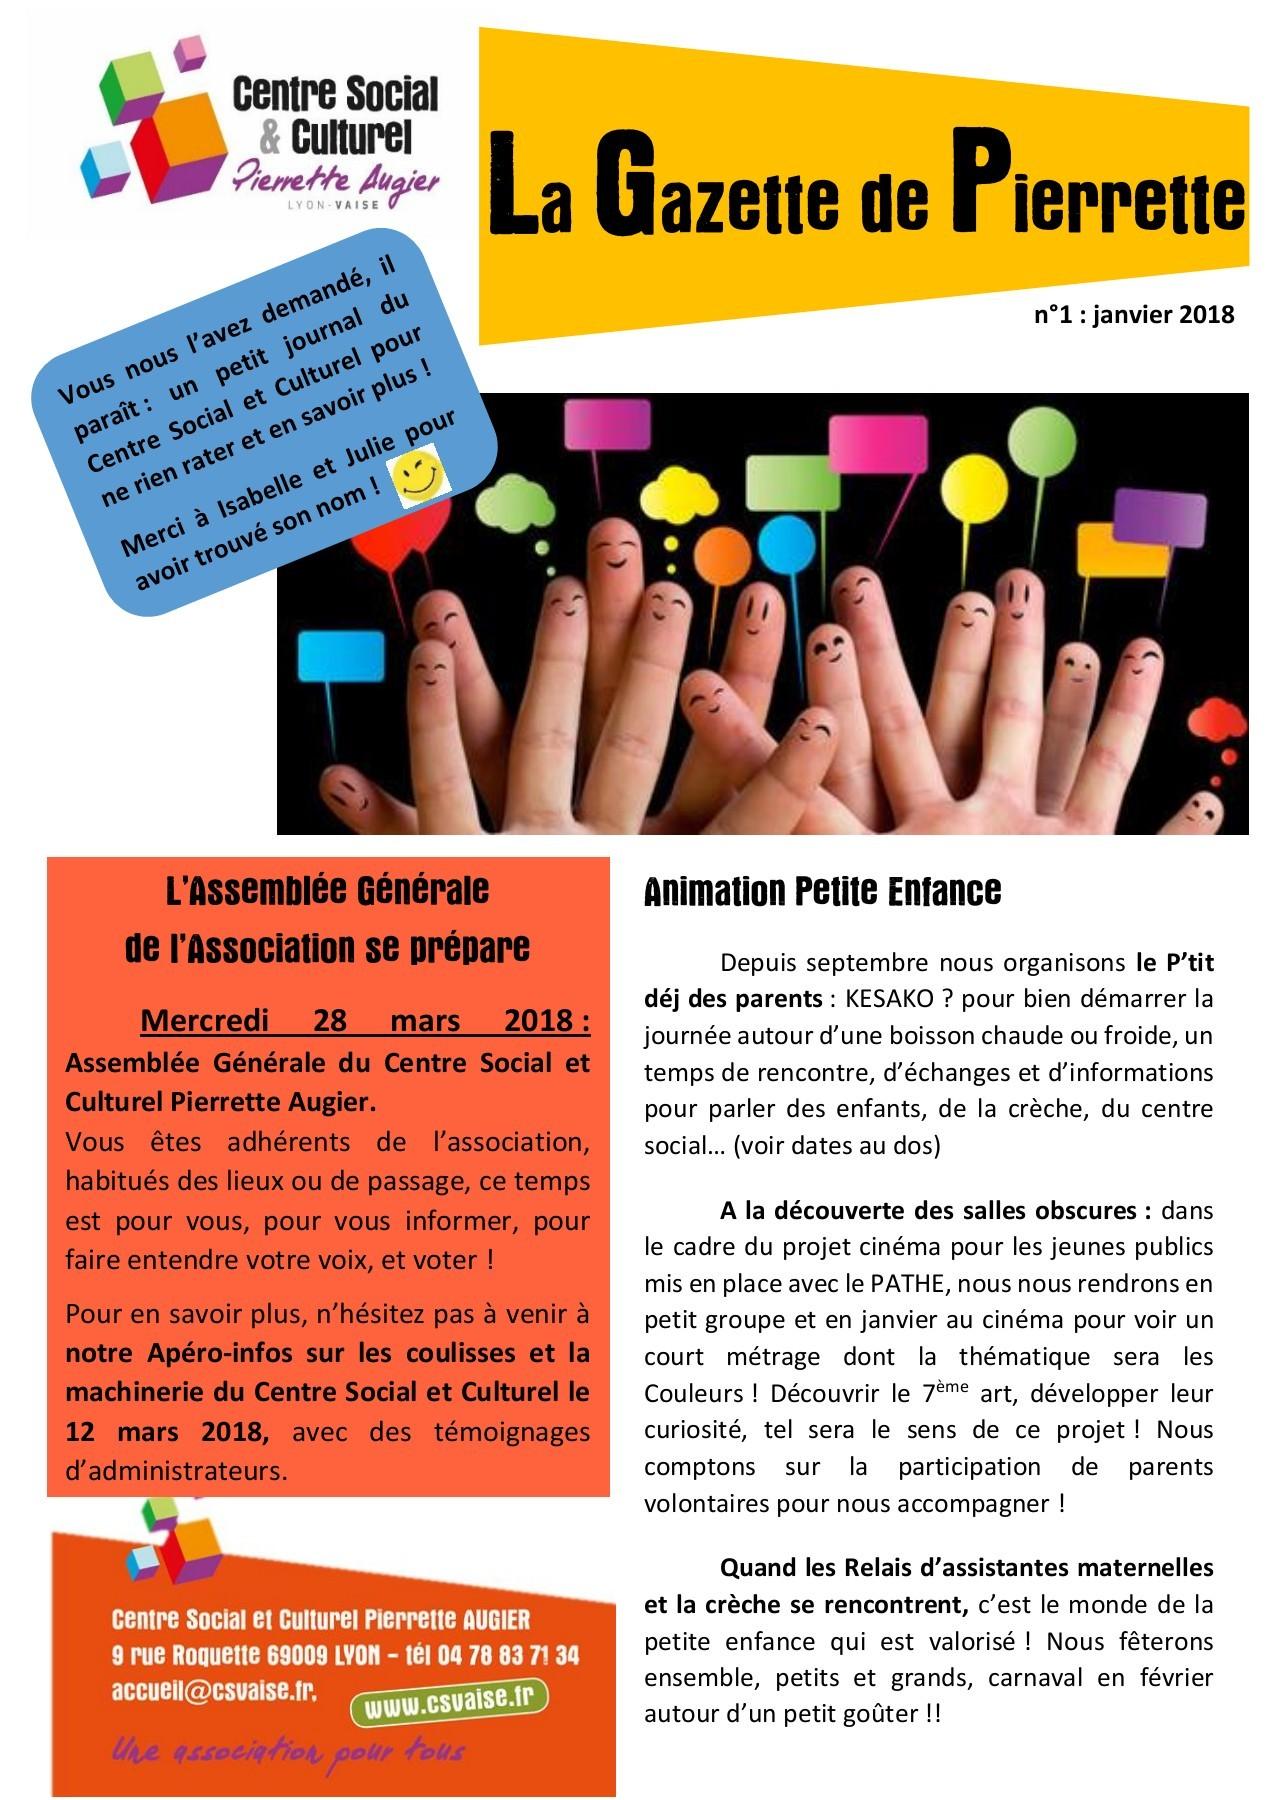 Rencontre gay sur Toulon dans le Var